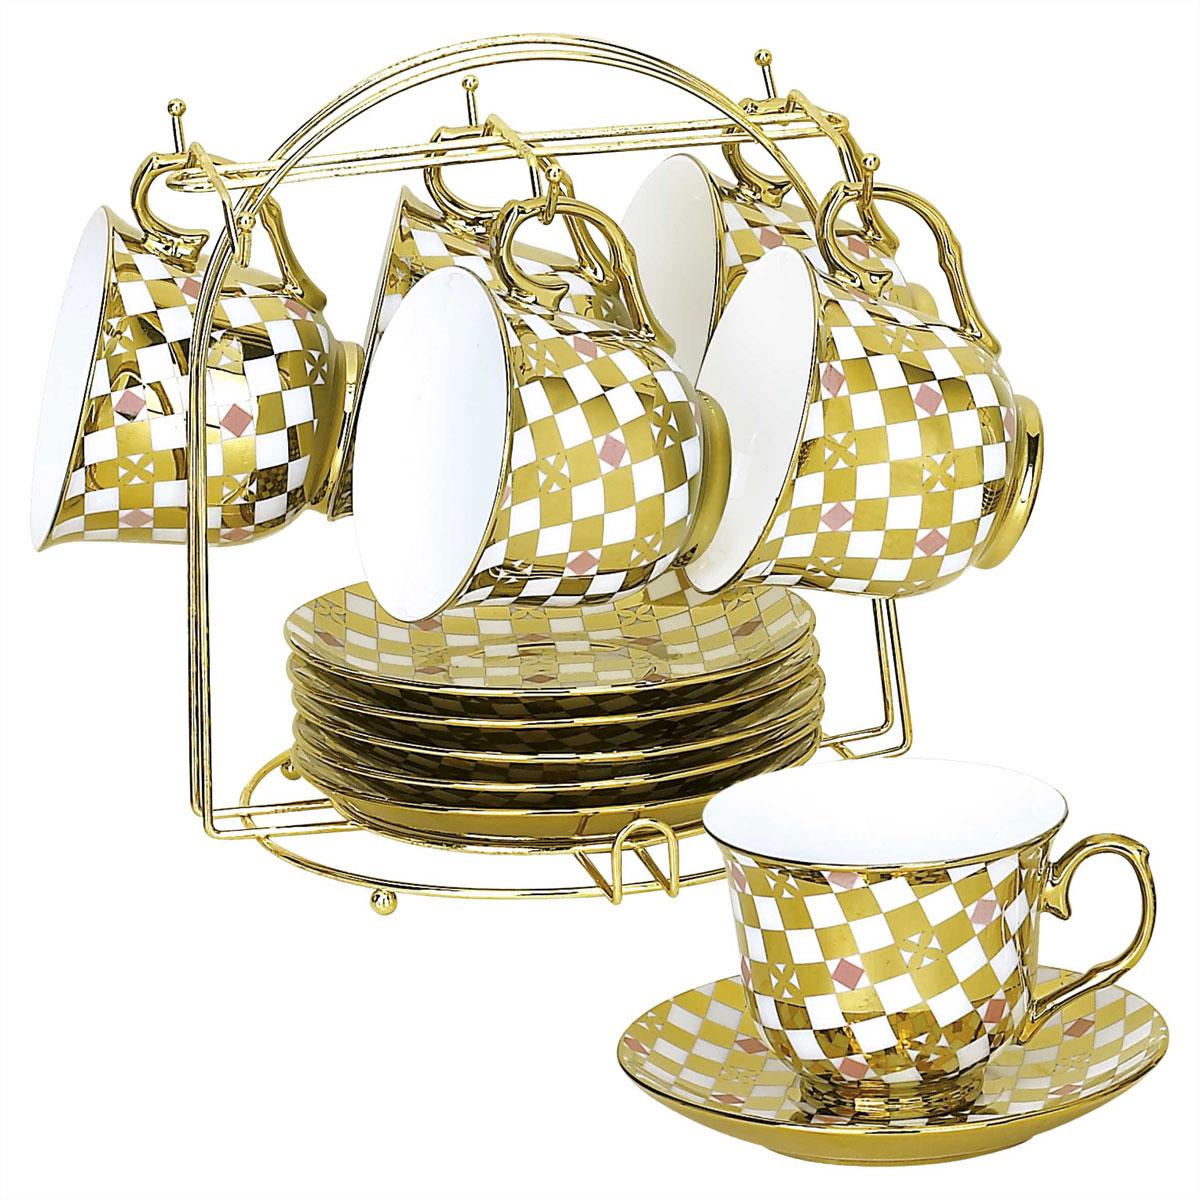 Набор чайный Bekker, 13 предметов. BK-5920 (8)BK-5920 (8)Чайный набор Bekker состоит из шести чашек и шести блюдец. Предметы набора изготовлены из высококачественного фарфора и украшены золотистой эмалью. Яркий орнамент в шахматном стиле придает набору изысканный внешний вид. В комплекте - металлическая хромированная подставка золотистого цвета с шестью крючками для подвешивания кружек и подставкой для блюдец. Чайный набор яркого и в тоже время лаконичного дизайна украсит интерьер кухни. Прекрасно подойдет как для торжественных случаев, так и для ежедневного использования.Подходит для мытья в посудомоечной машине. Объем чашки: 220 мл.Диаметр чашки (по верхнему краю): 9 см.Высота чашки: 7,5 см.Диаметр блюдца: 14 см.Размер подставки: 19 см х 19 см х 21 см.